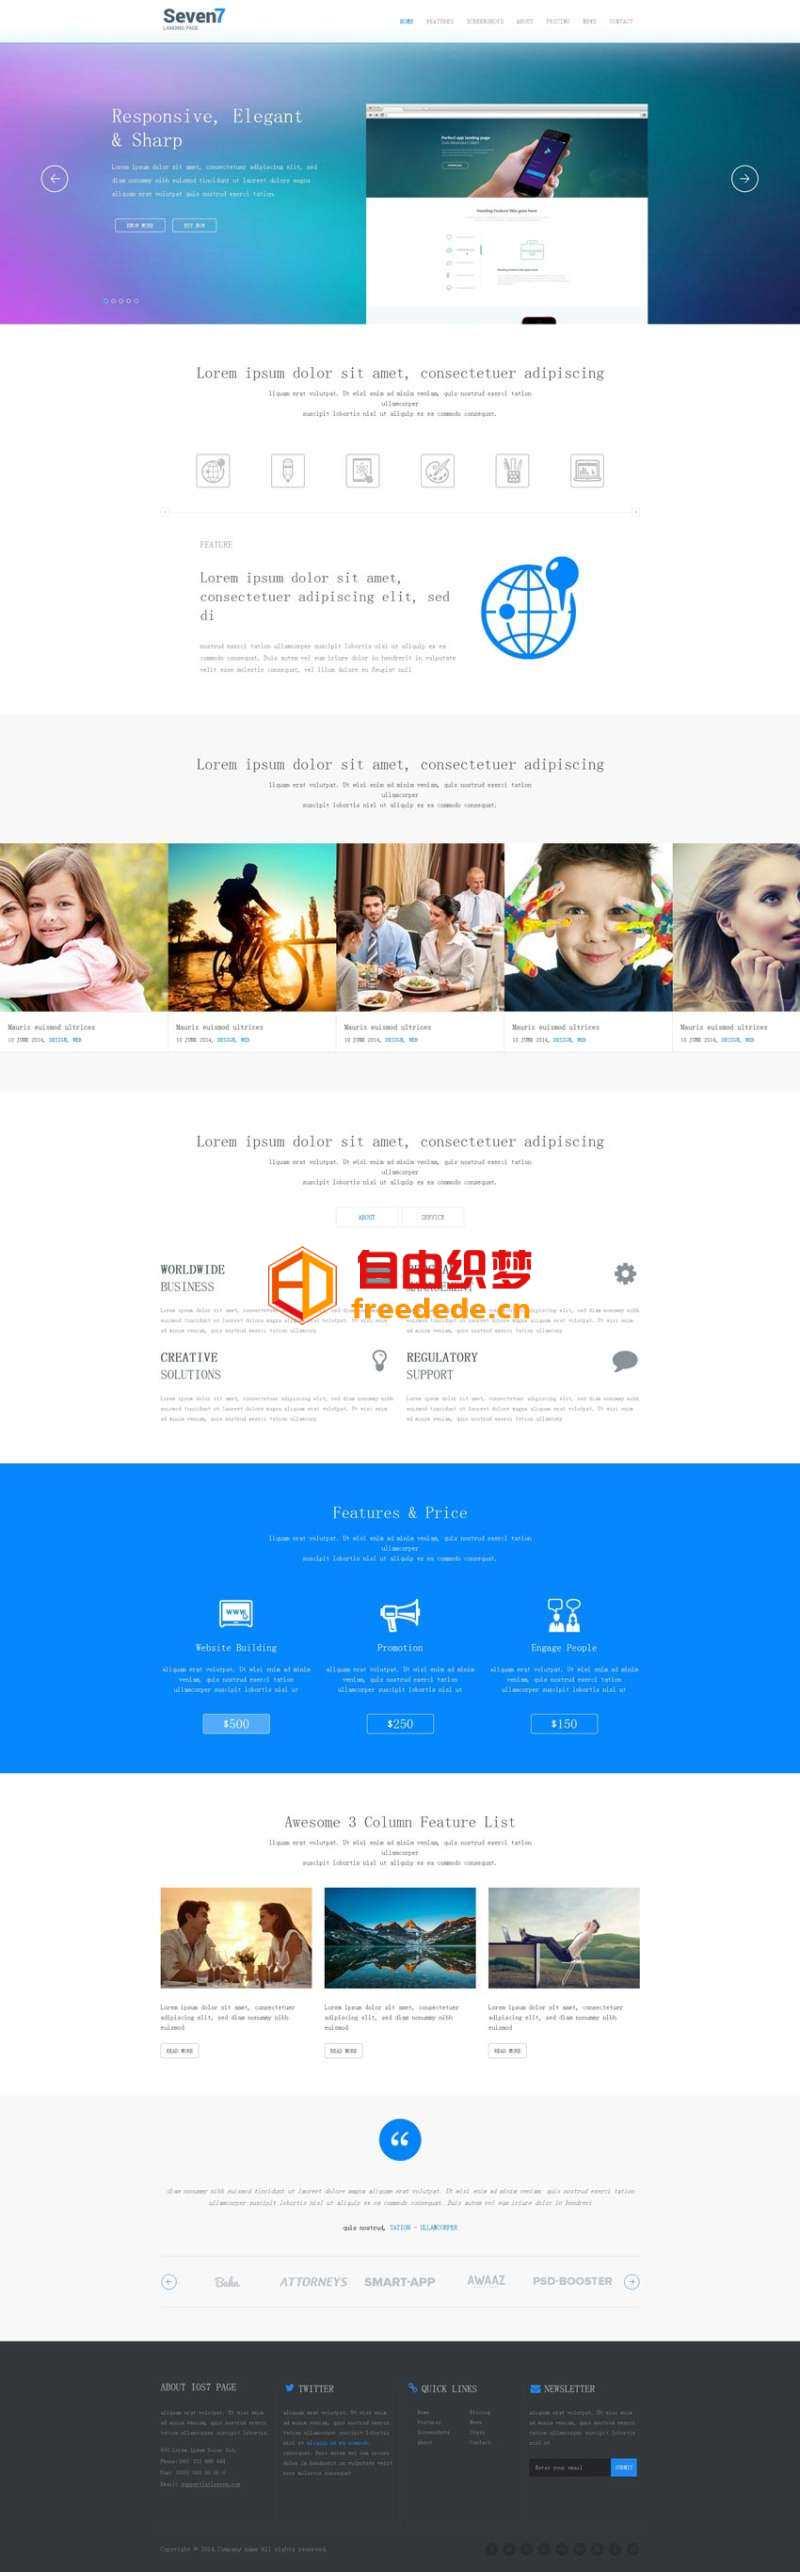 爱上源码网文章简洁win8风格的设计工作室HTML5网页单页模板下载的内容插图